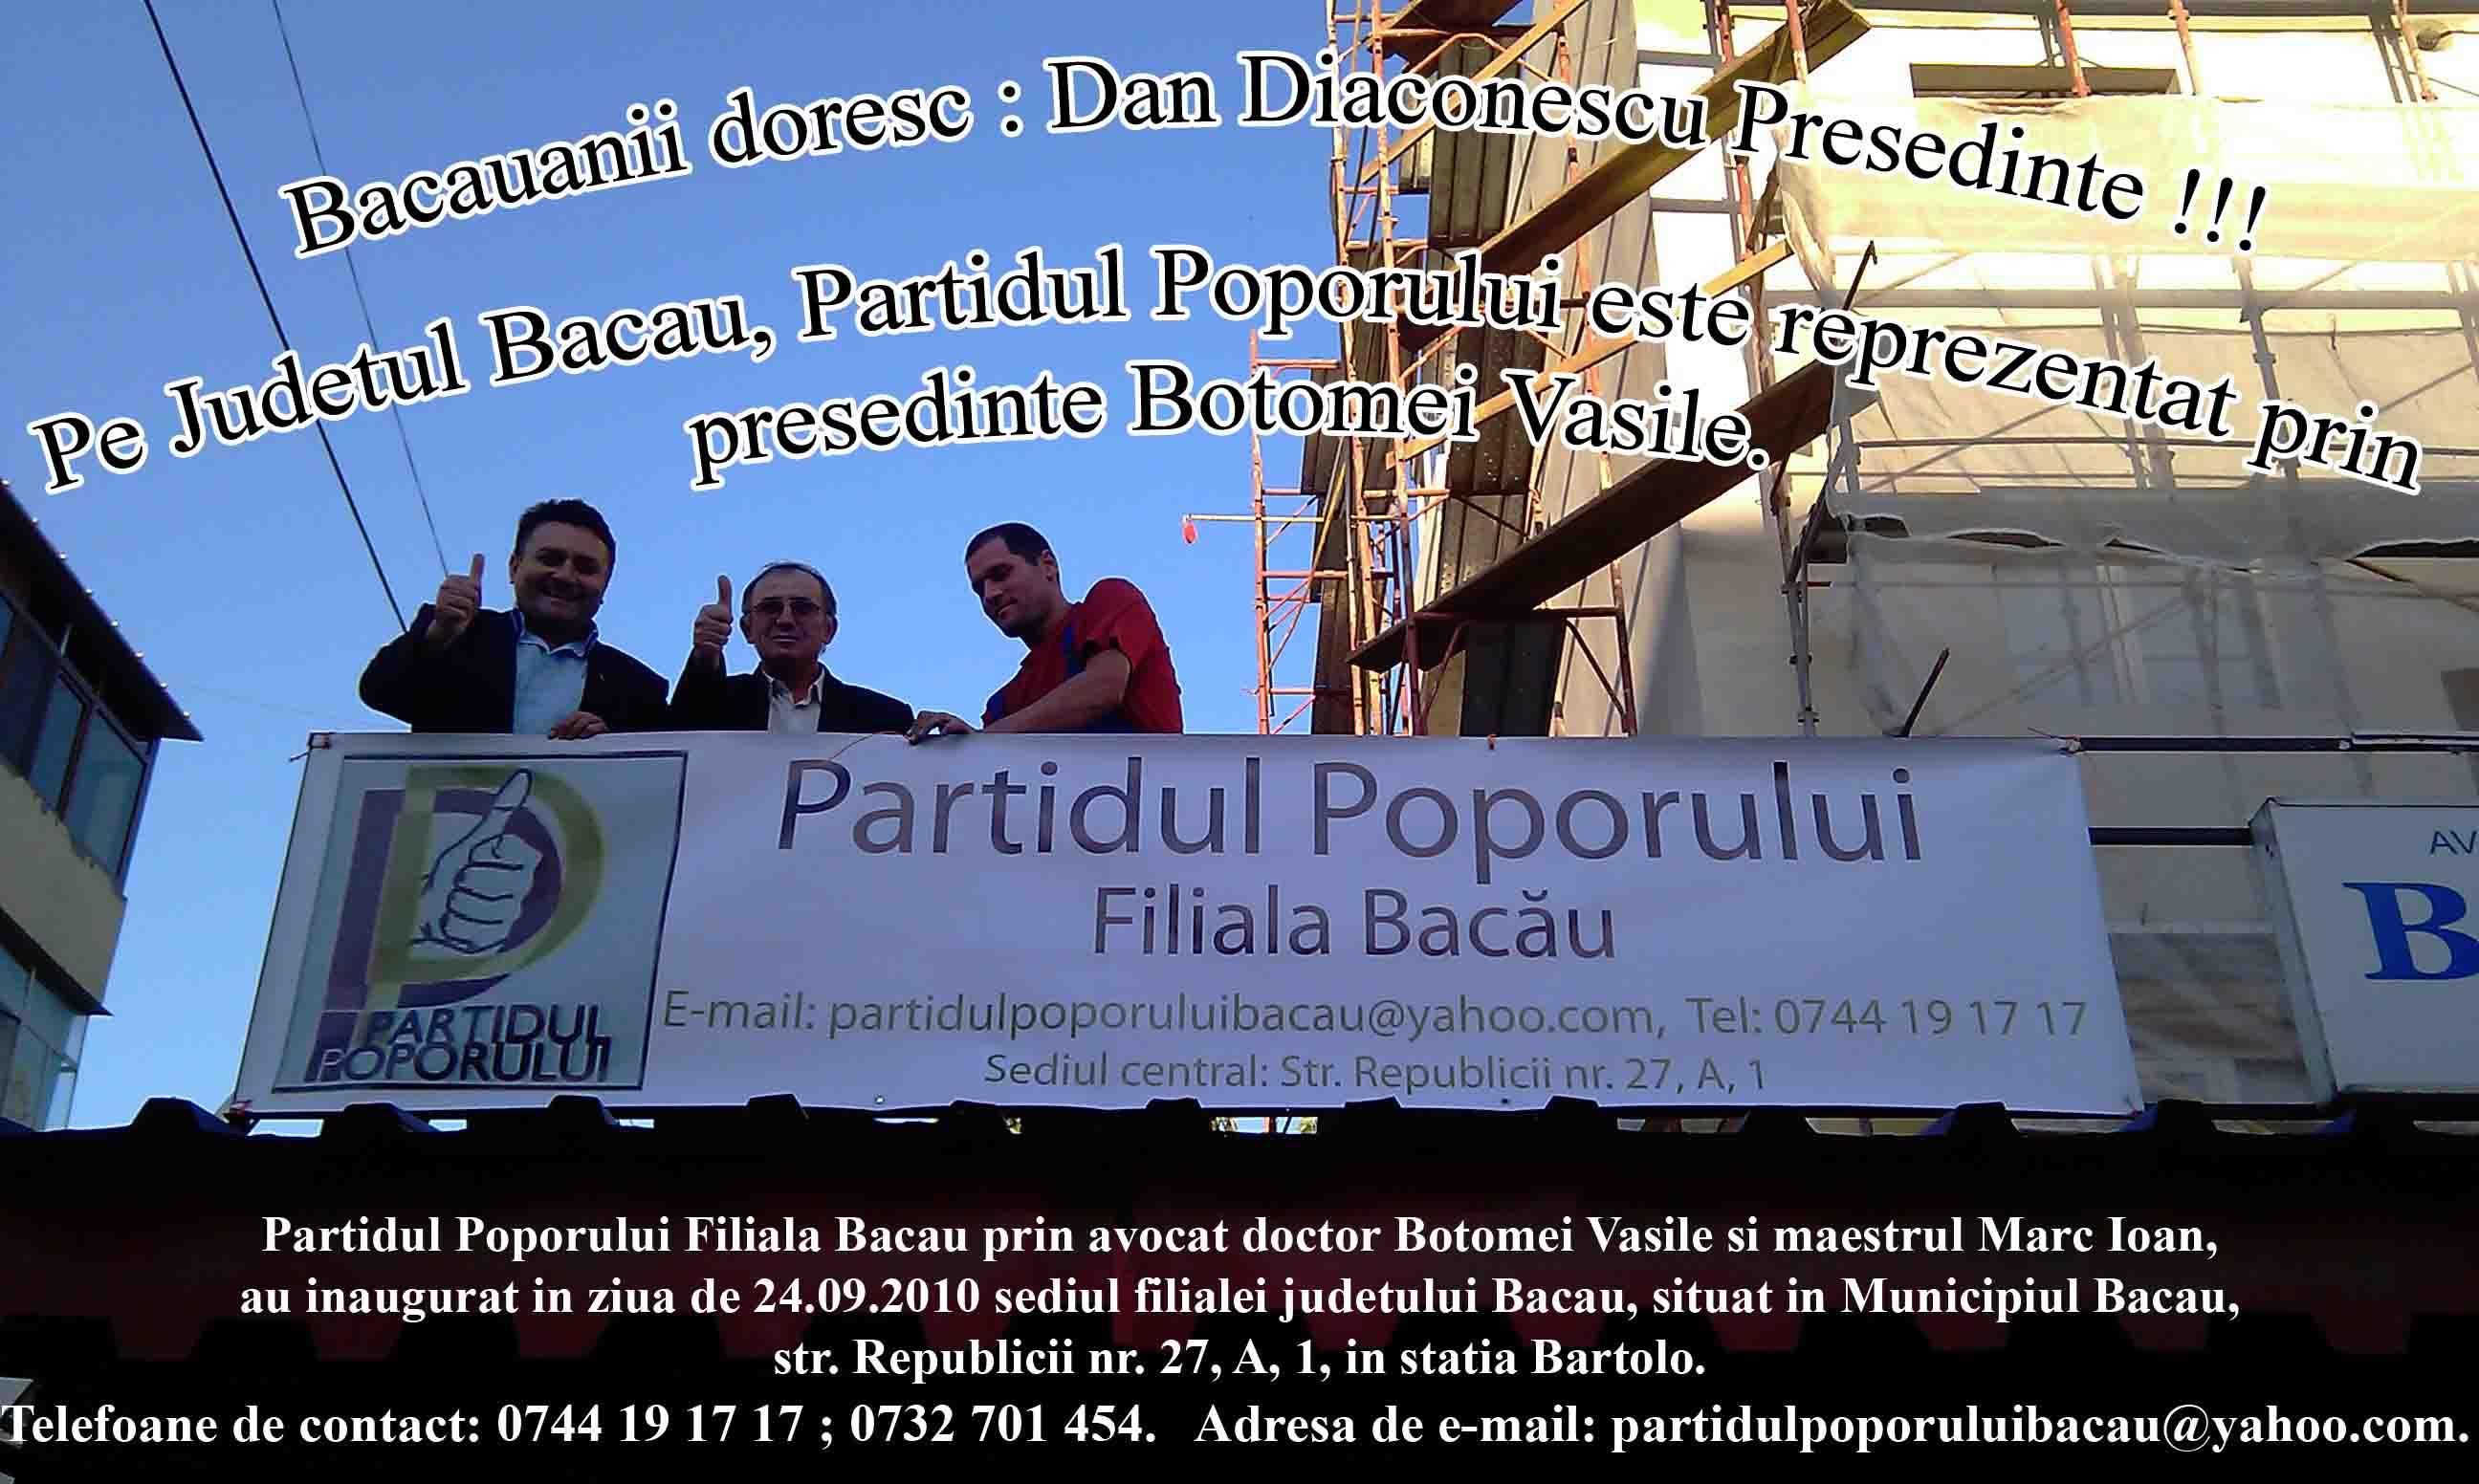 Inaugurare Partidul Poporului Filiala Bacau, presedinte Botomei Vasile